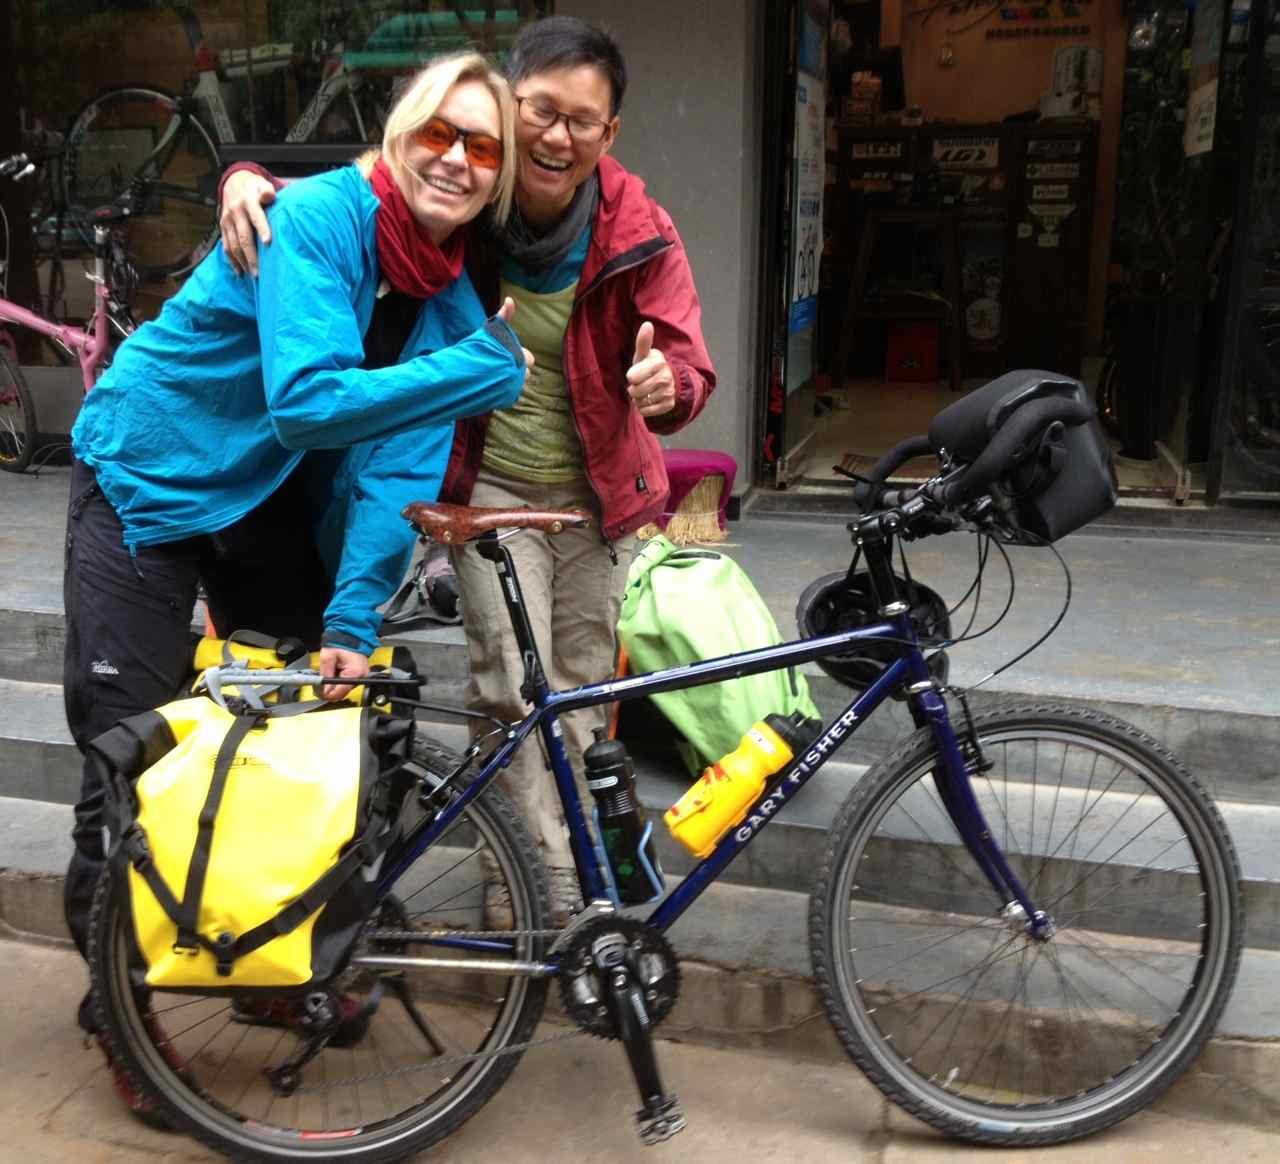 จักรยานพร้อม นักปั่นพร้อม (แต่ทำไมยังไม่ลืมตา) ออกเดินทางได้